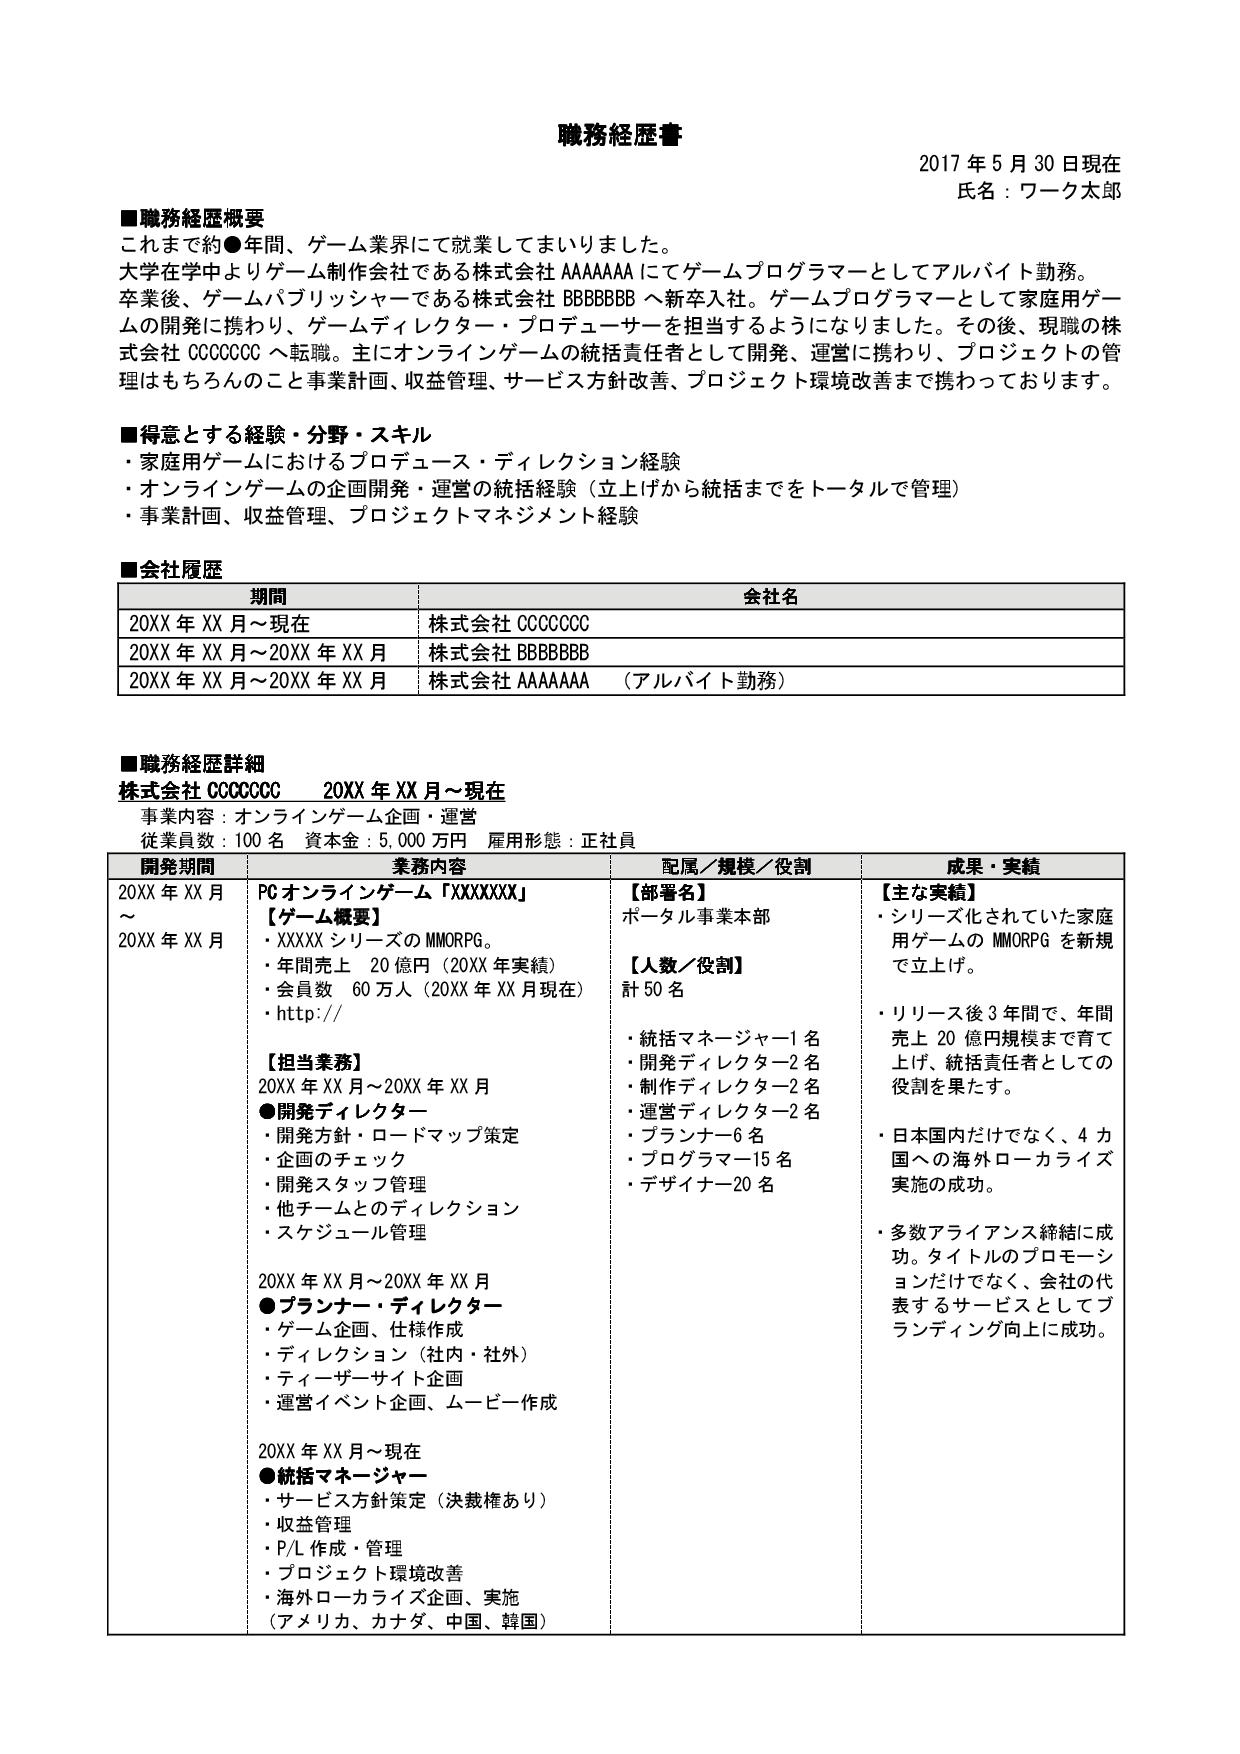 ゲームディレクター・プロデューサー